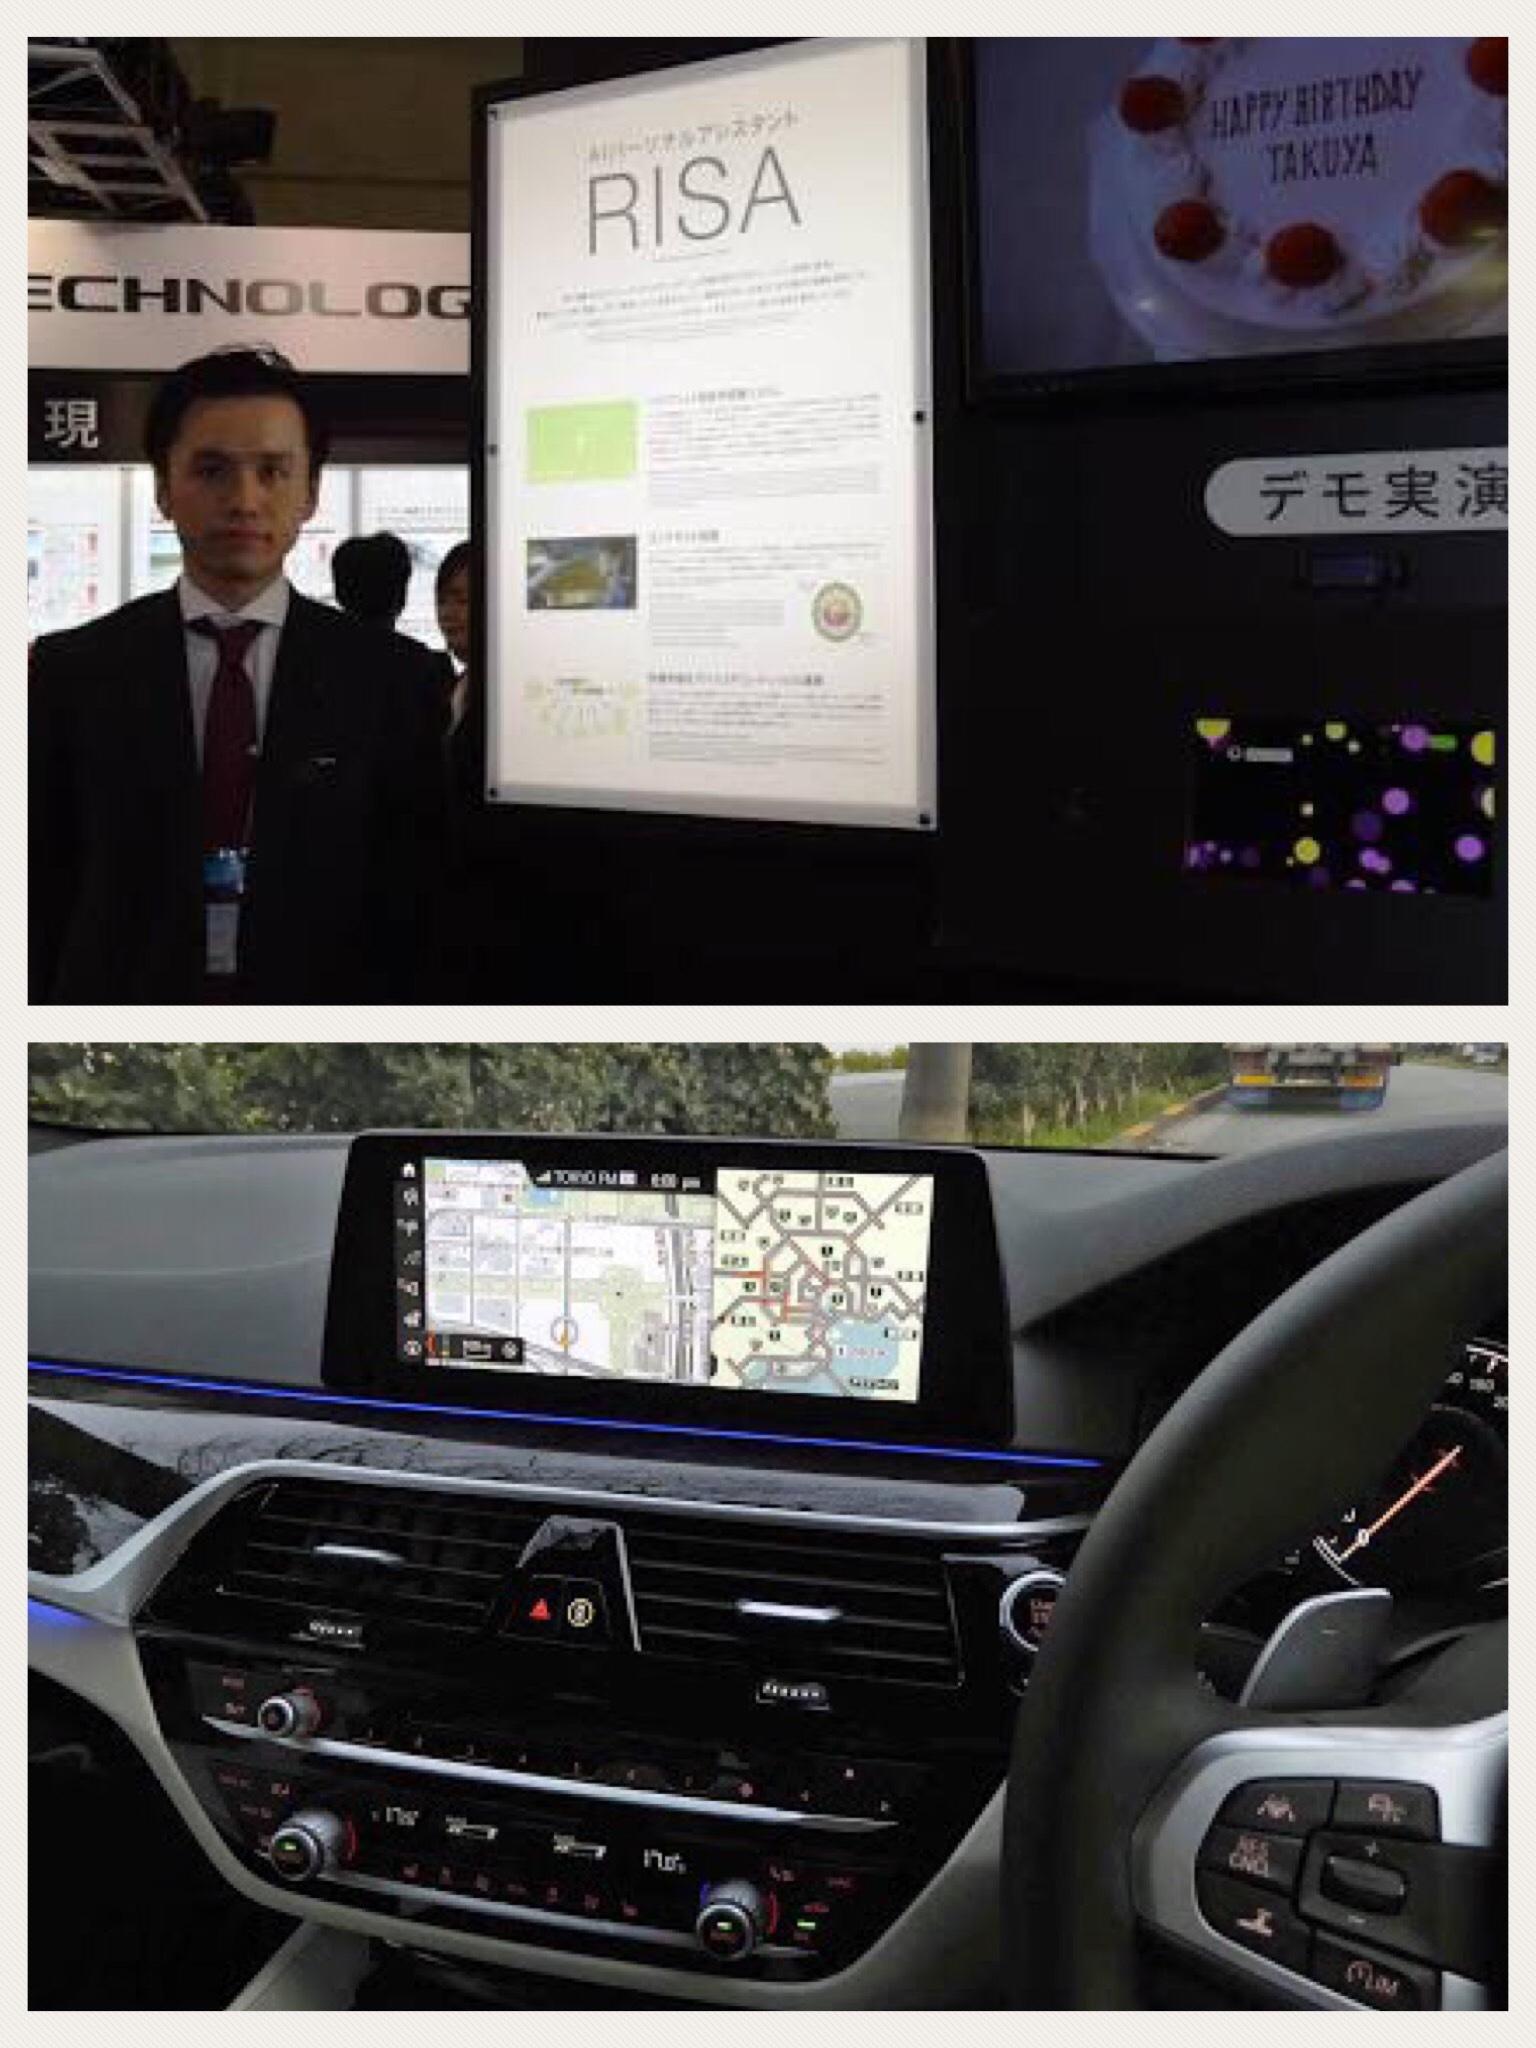 三菱自動車 「AIパーソナルアシスタント」